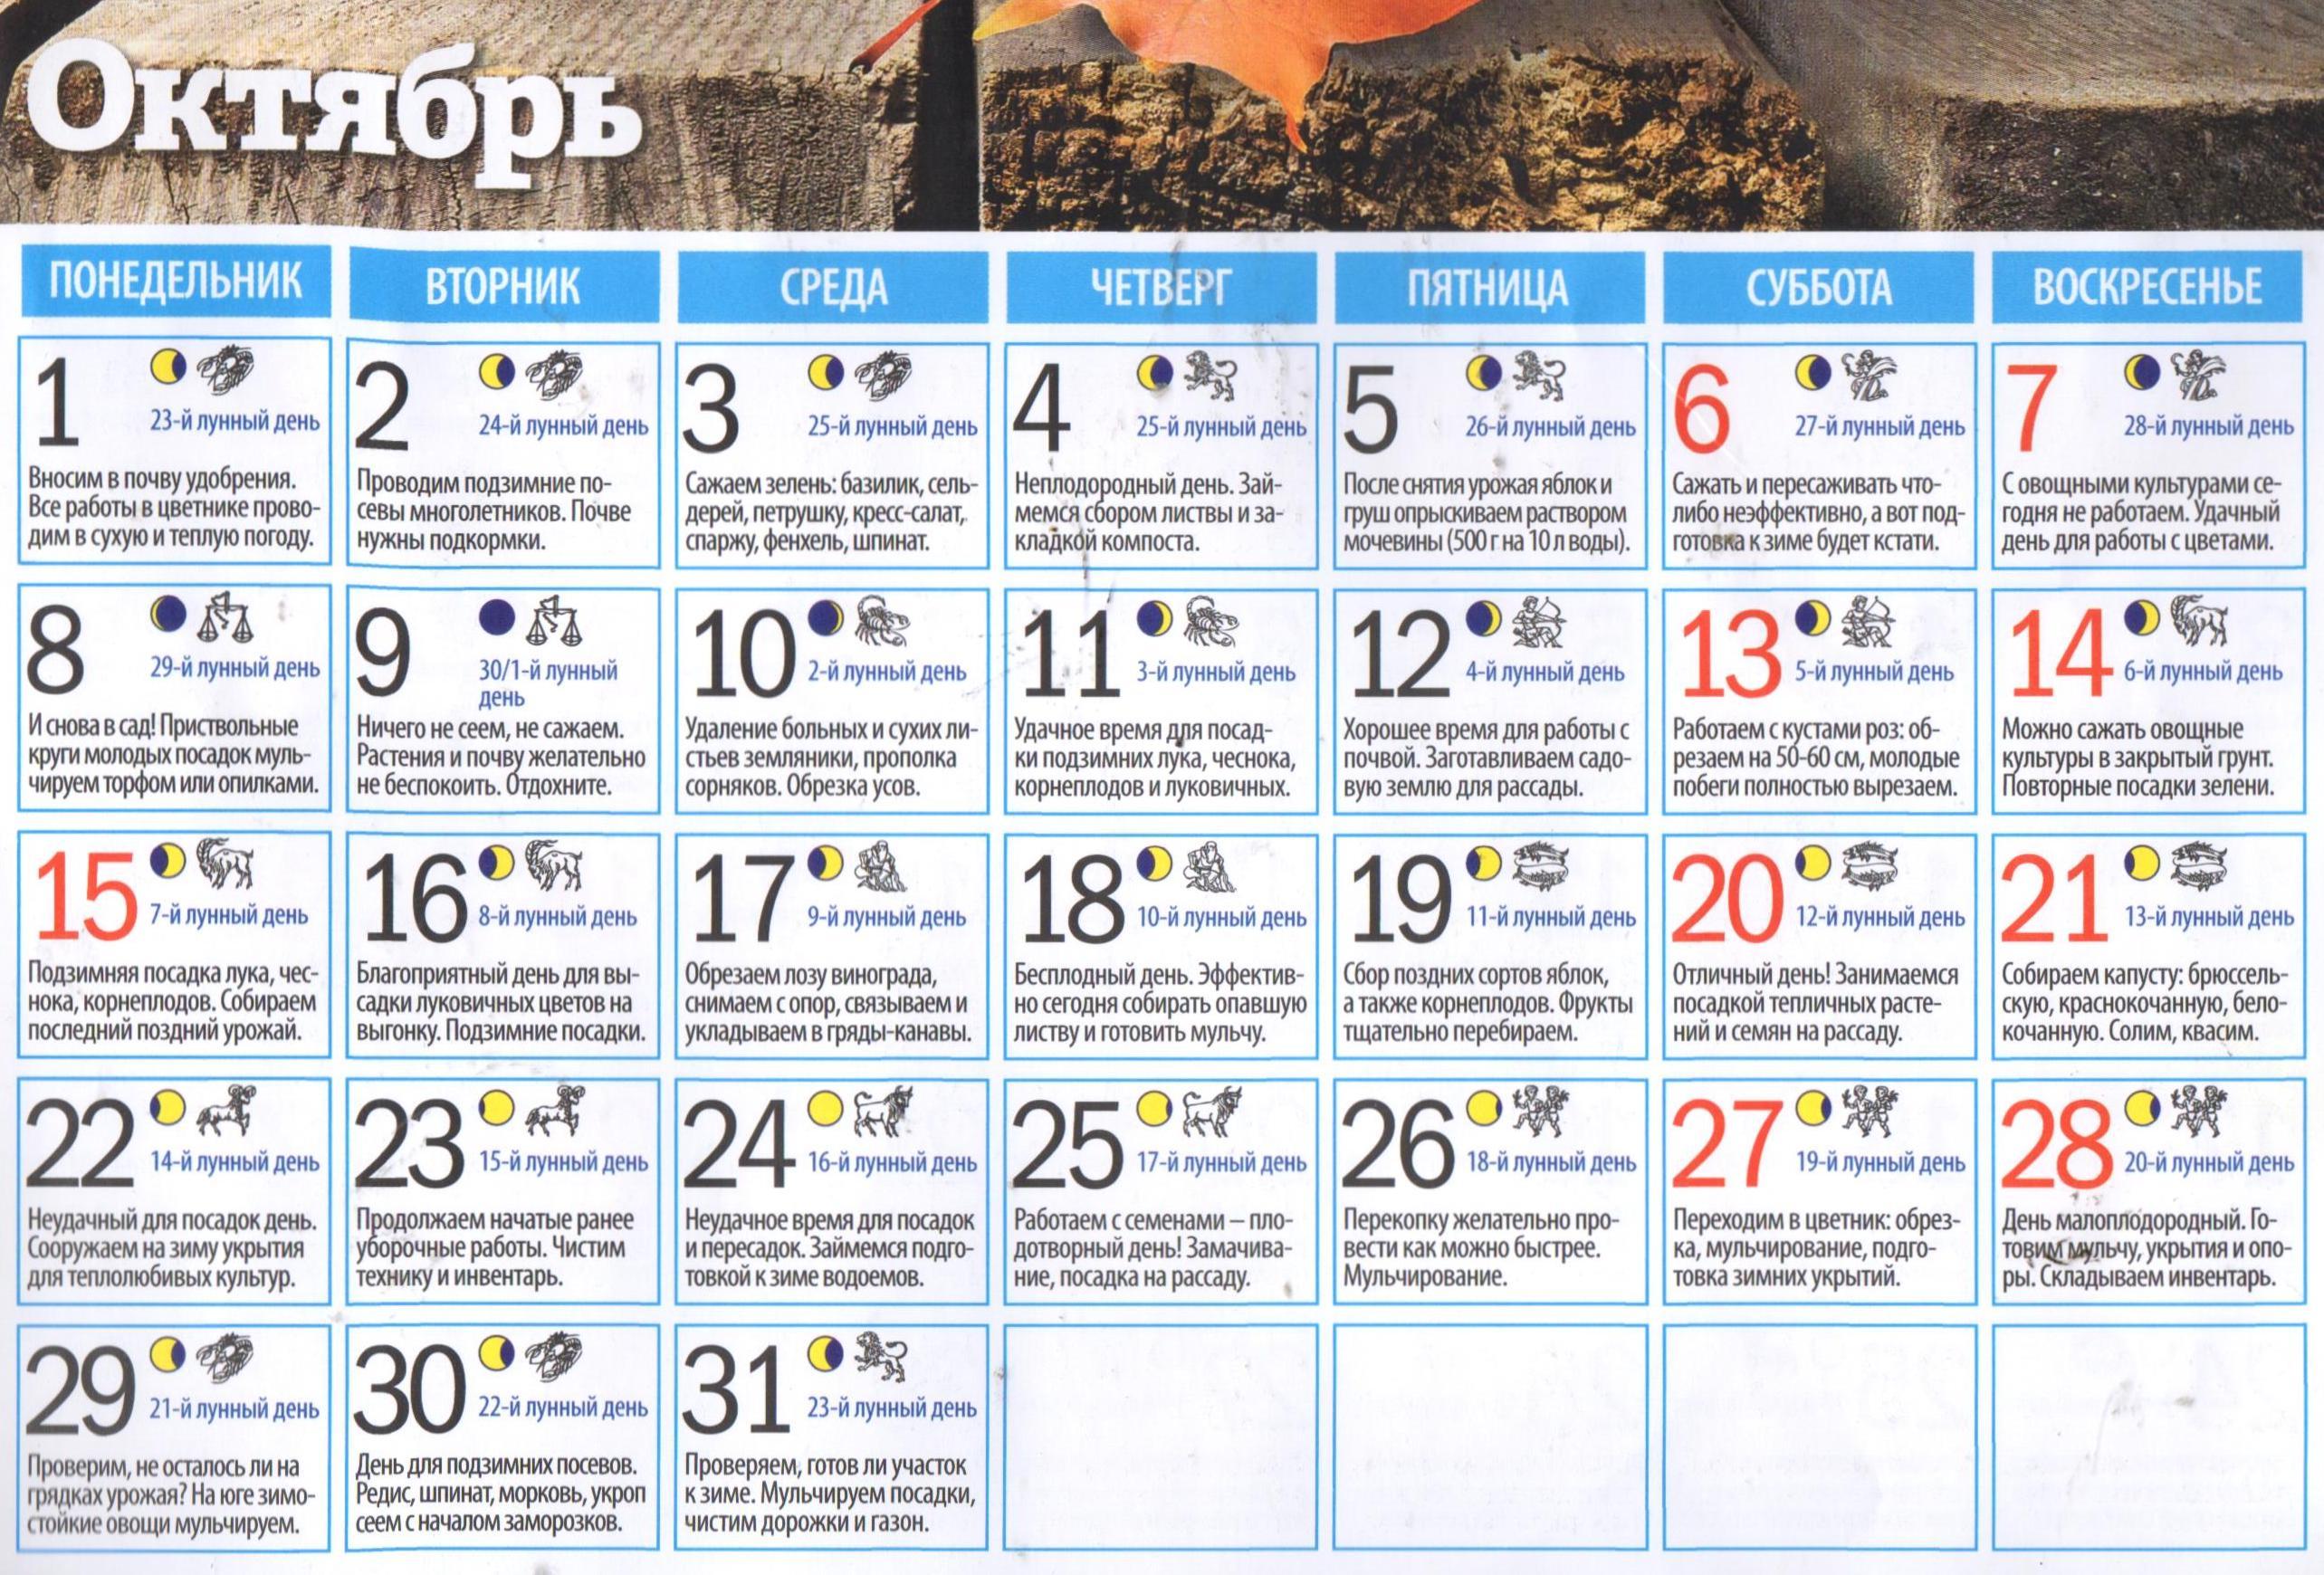 мчс лунный календарь на октябрь фото процесс довольно распространен